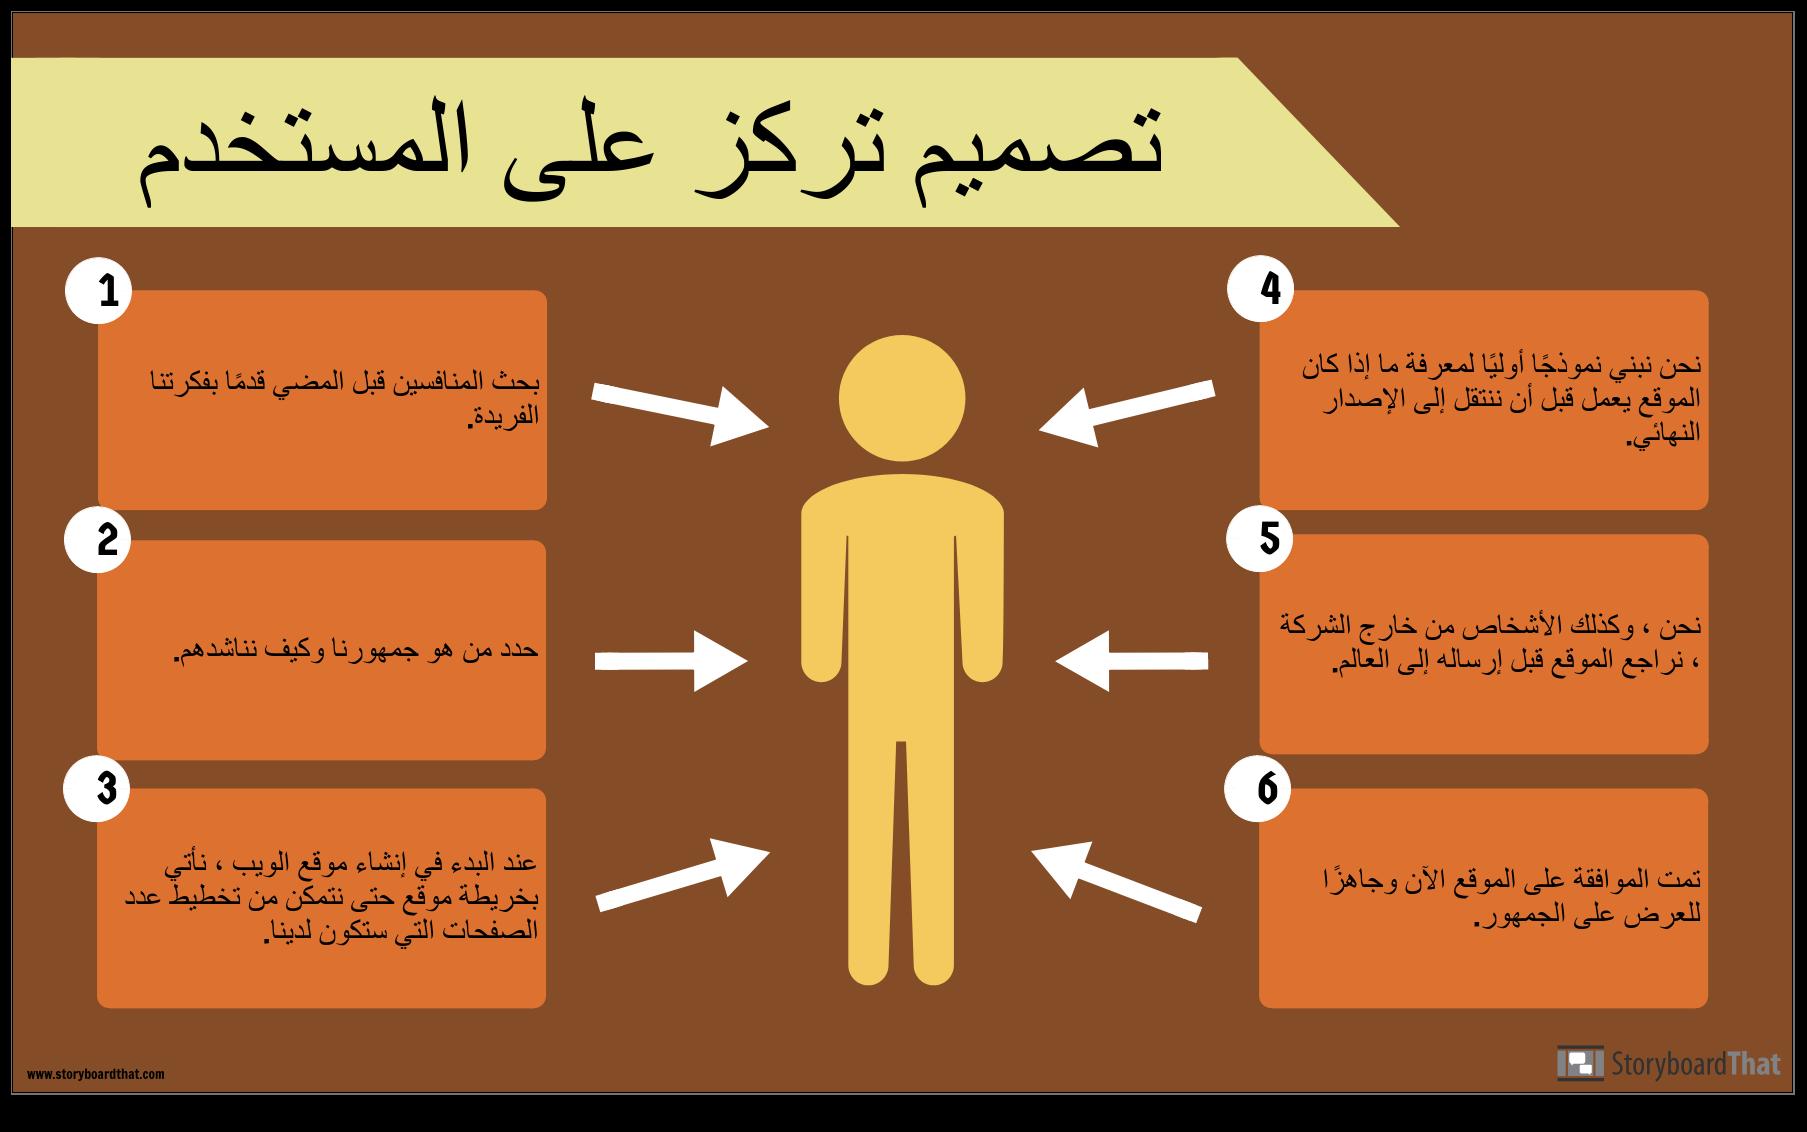 مثال تصميم المستخدم